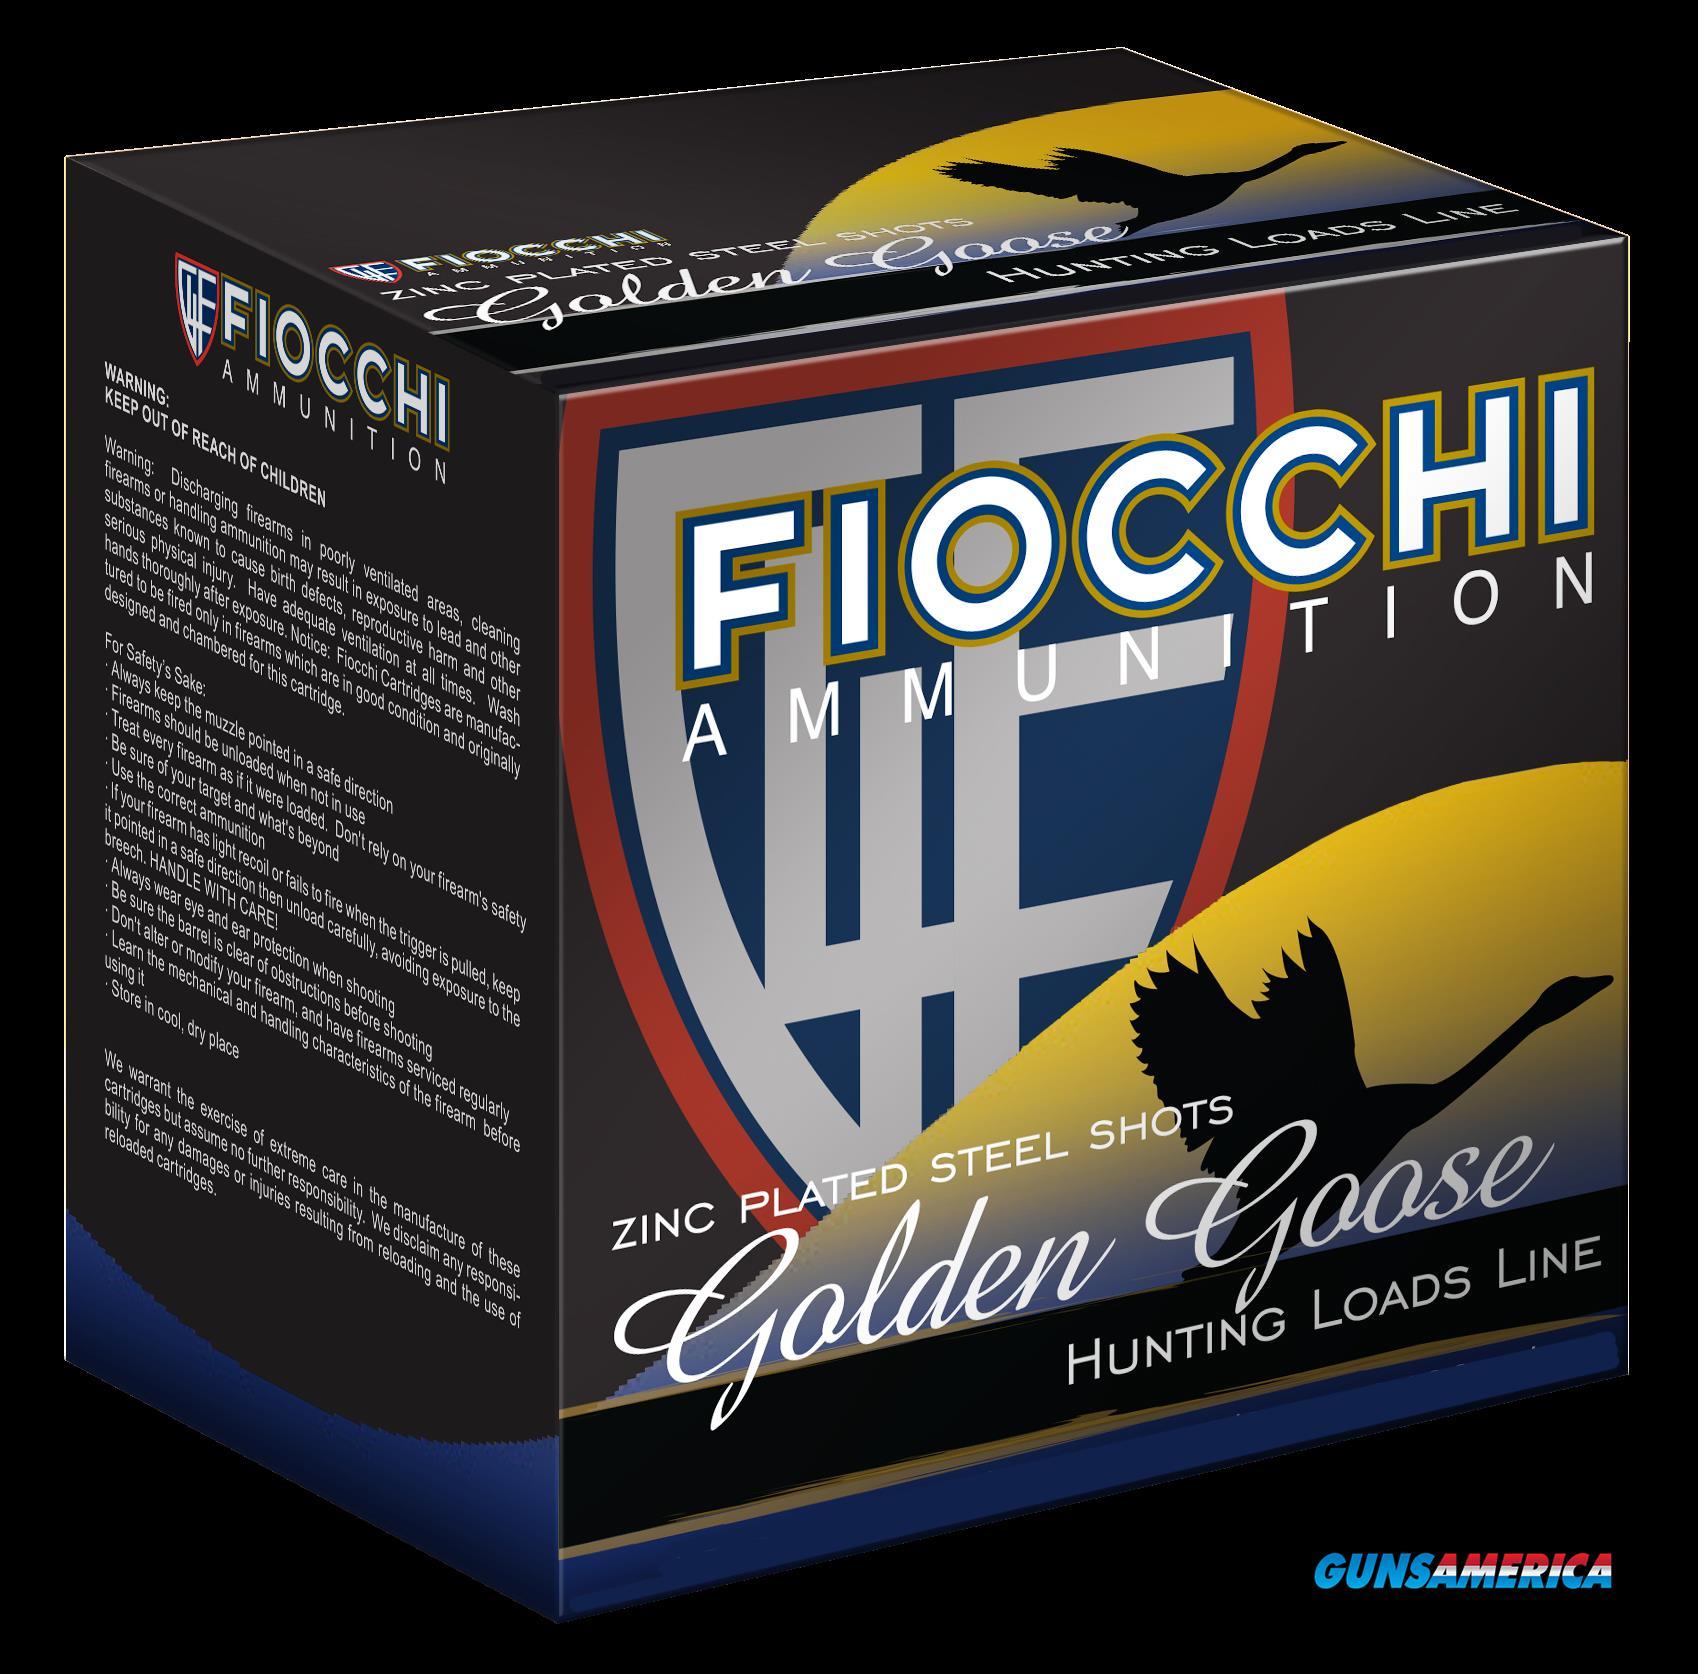 Fiocchi Extrema, Fio 1235gg2   Steel   2     15-8  25-10  Guns > Pistols > 1911 Pistol Copies (non-Colt)